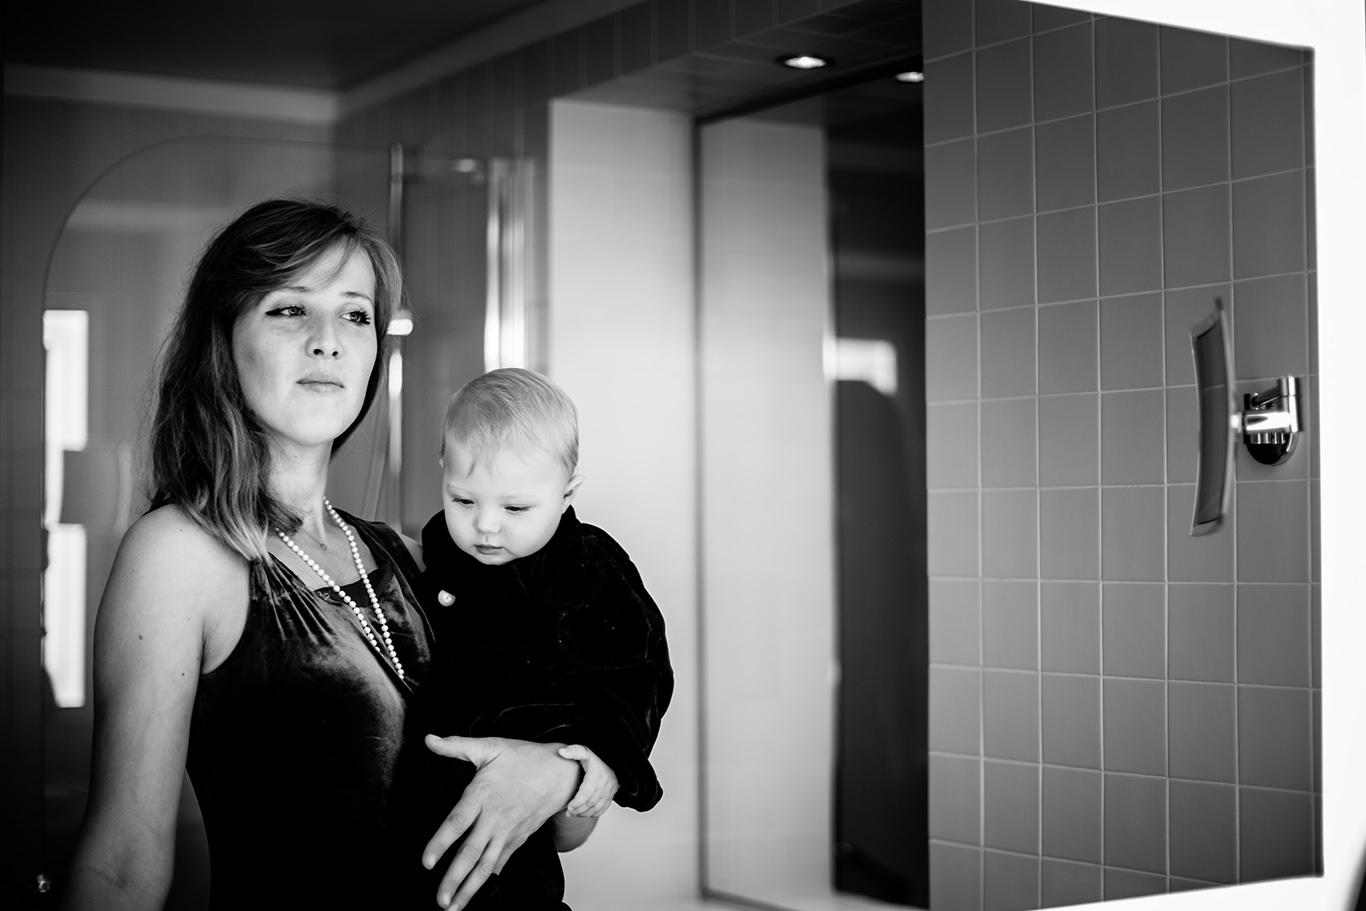 Fotografie de familie - Dalin si mama